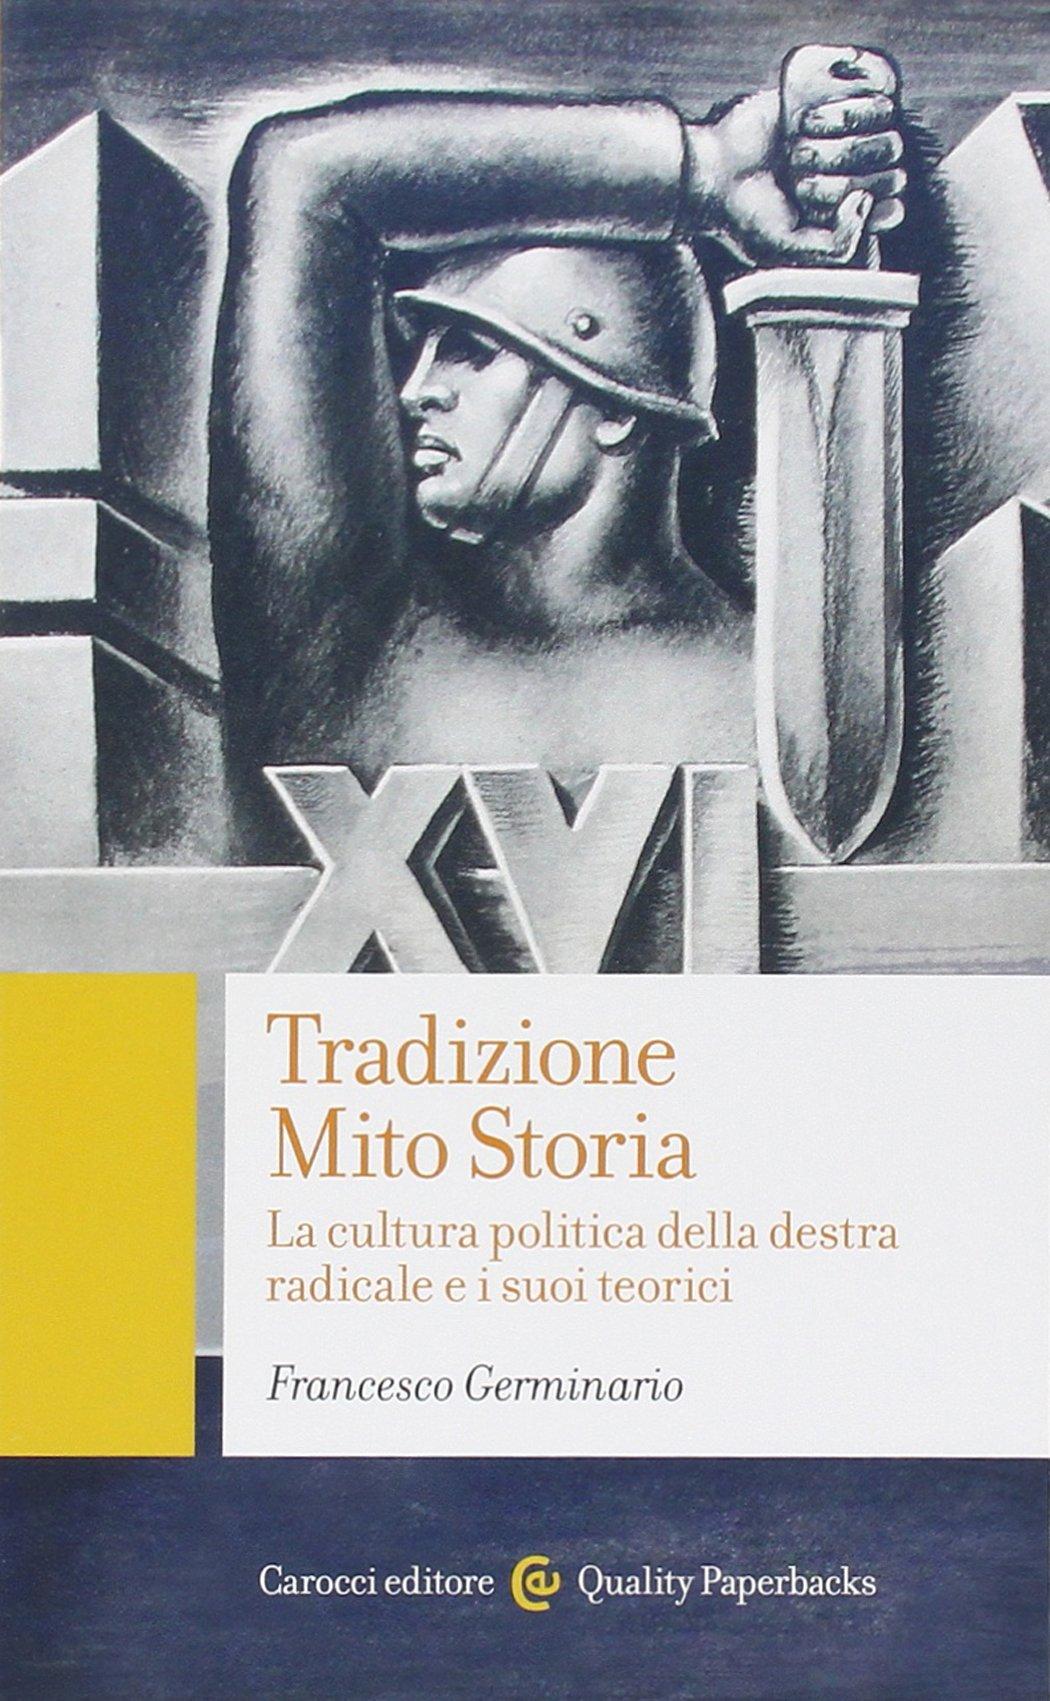 Tradizione, mito, storia